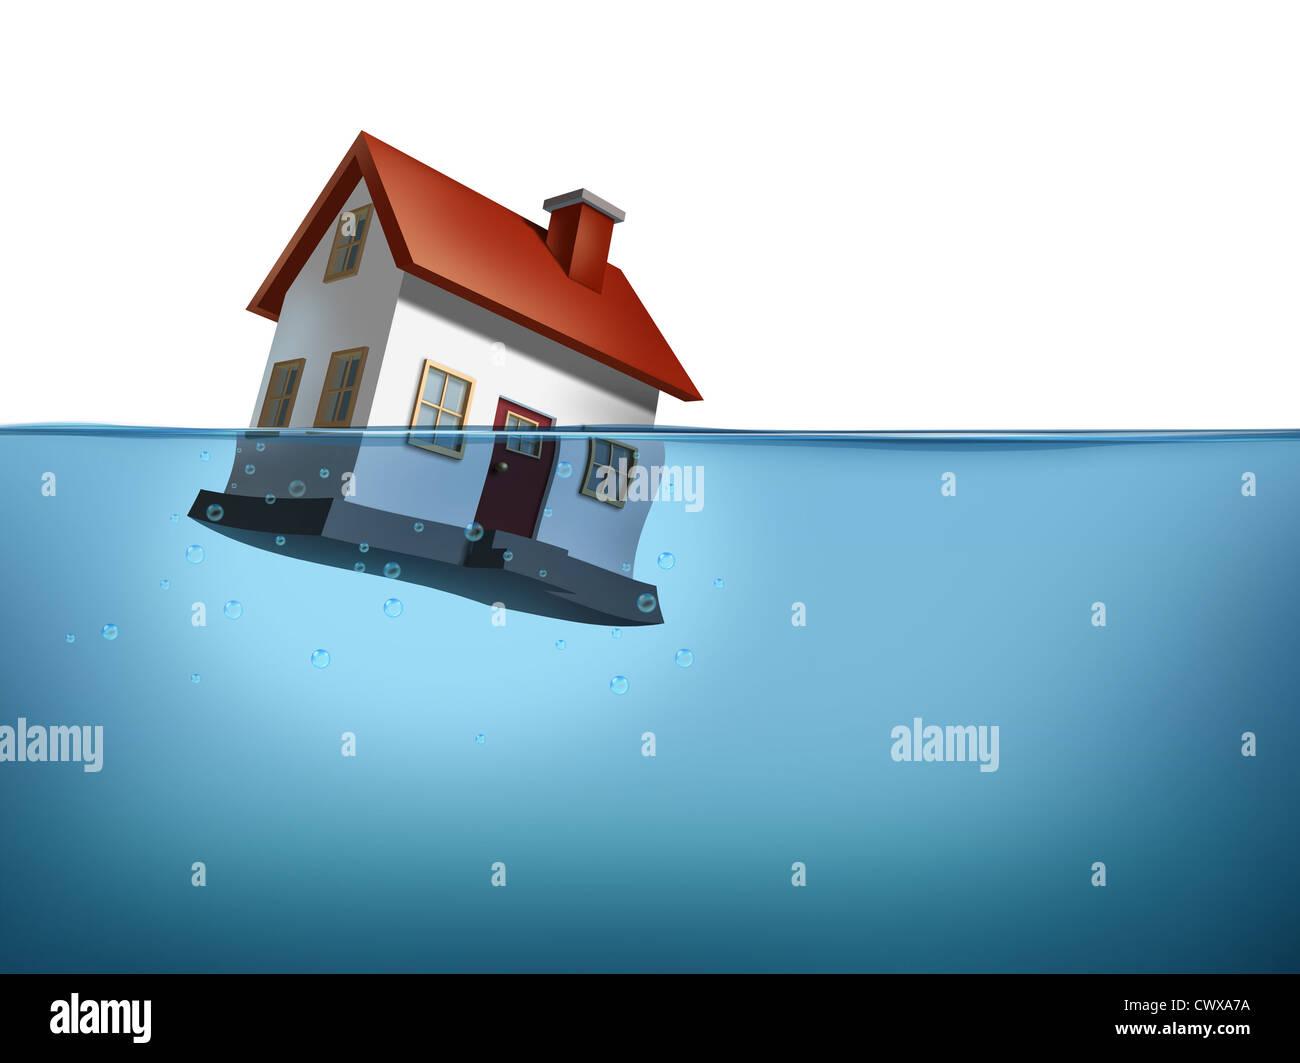 Naufrage accueil et crise du logement avec une chambre dans l'eau sur un fond blanc montrant le concept de logement Photo Stock